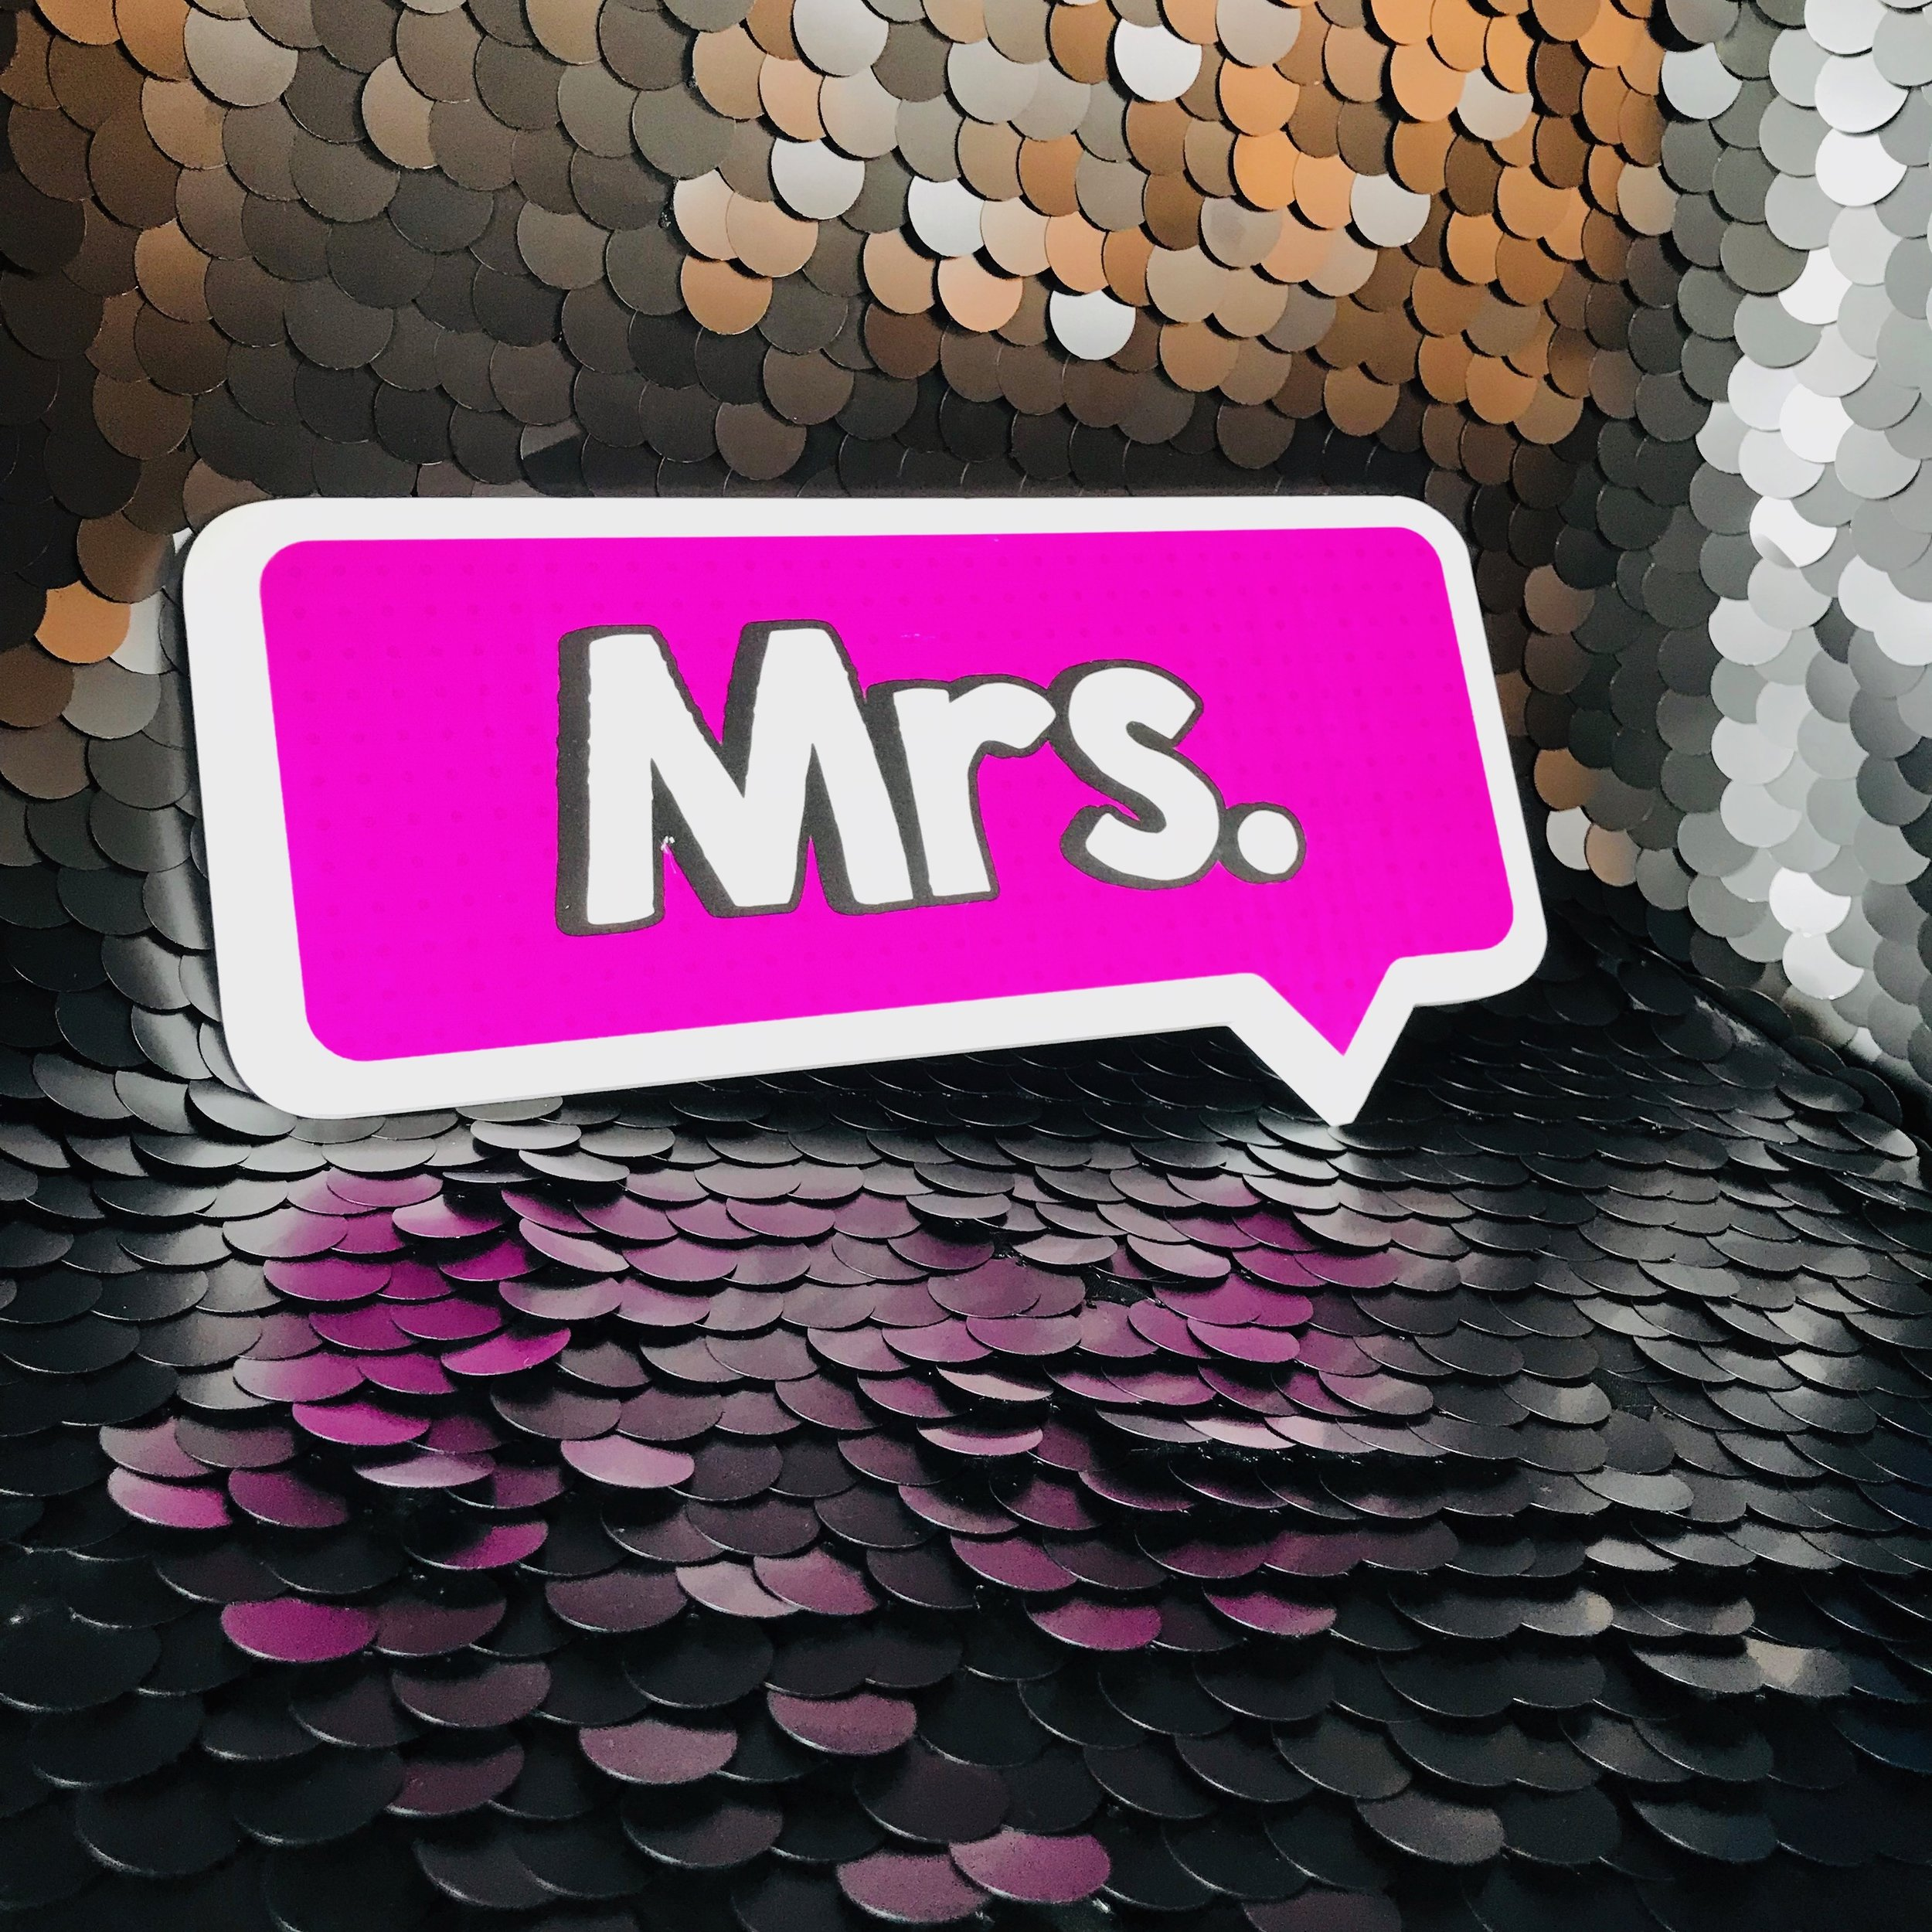 Mrs.jpeg